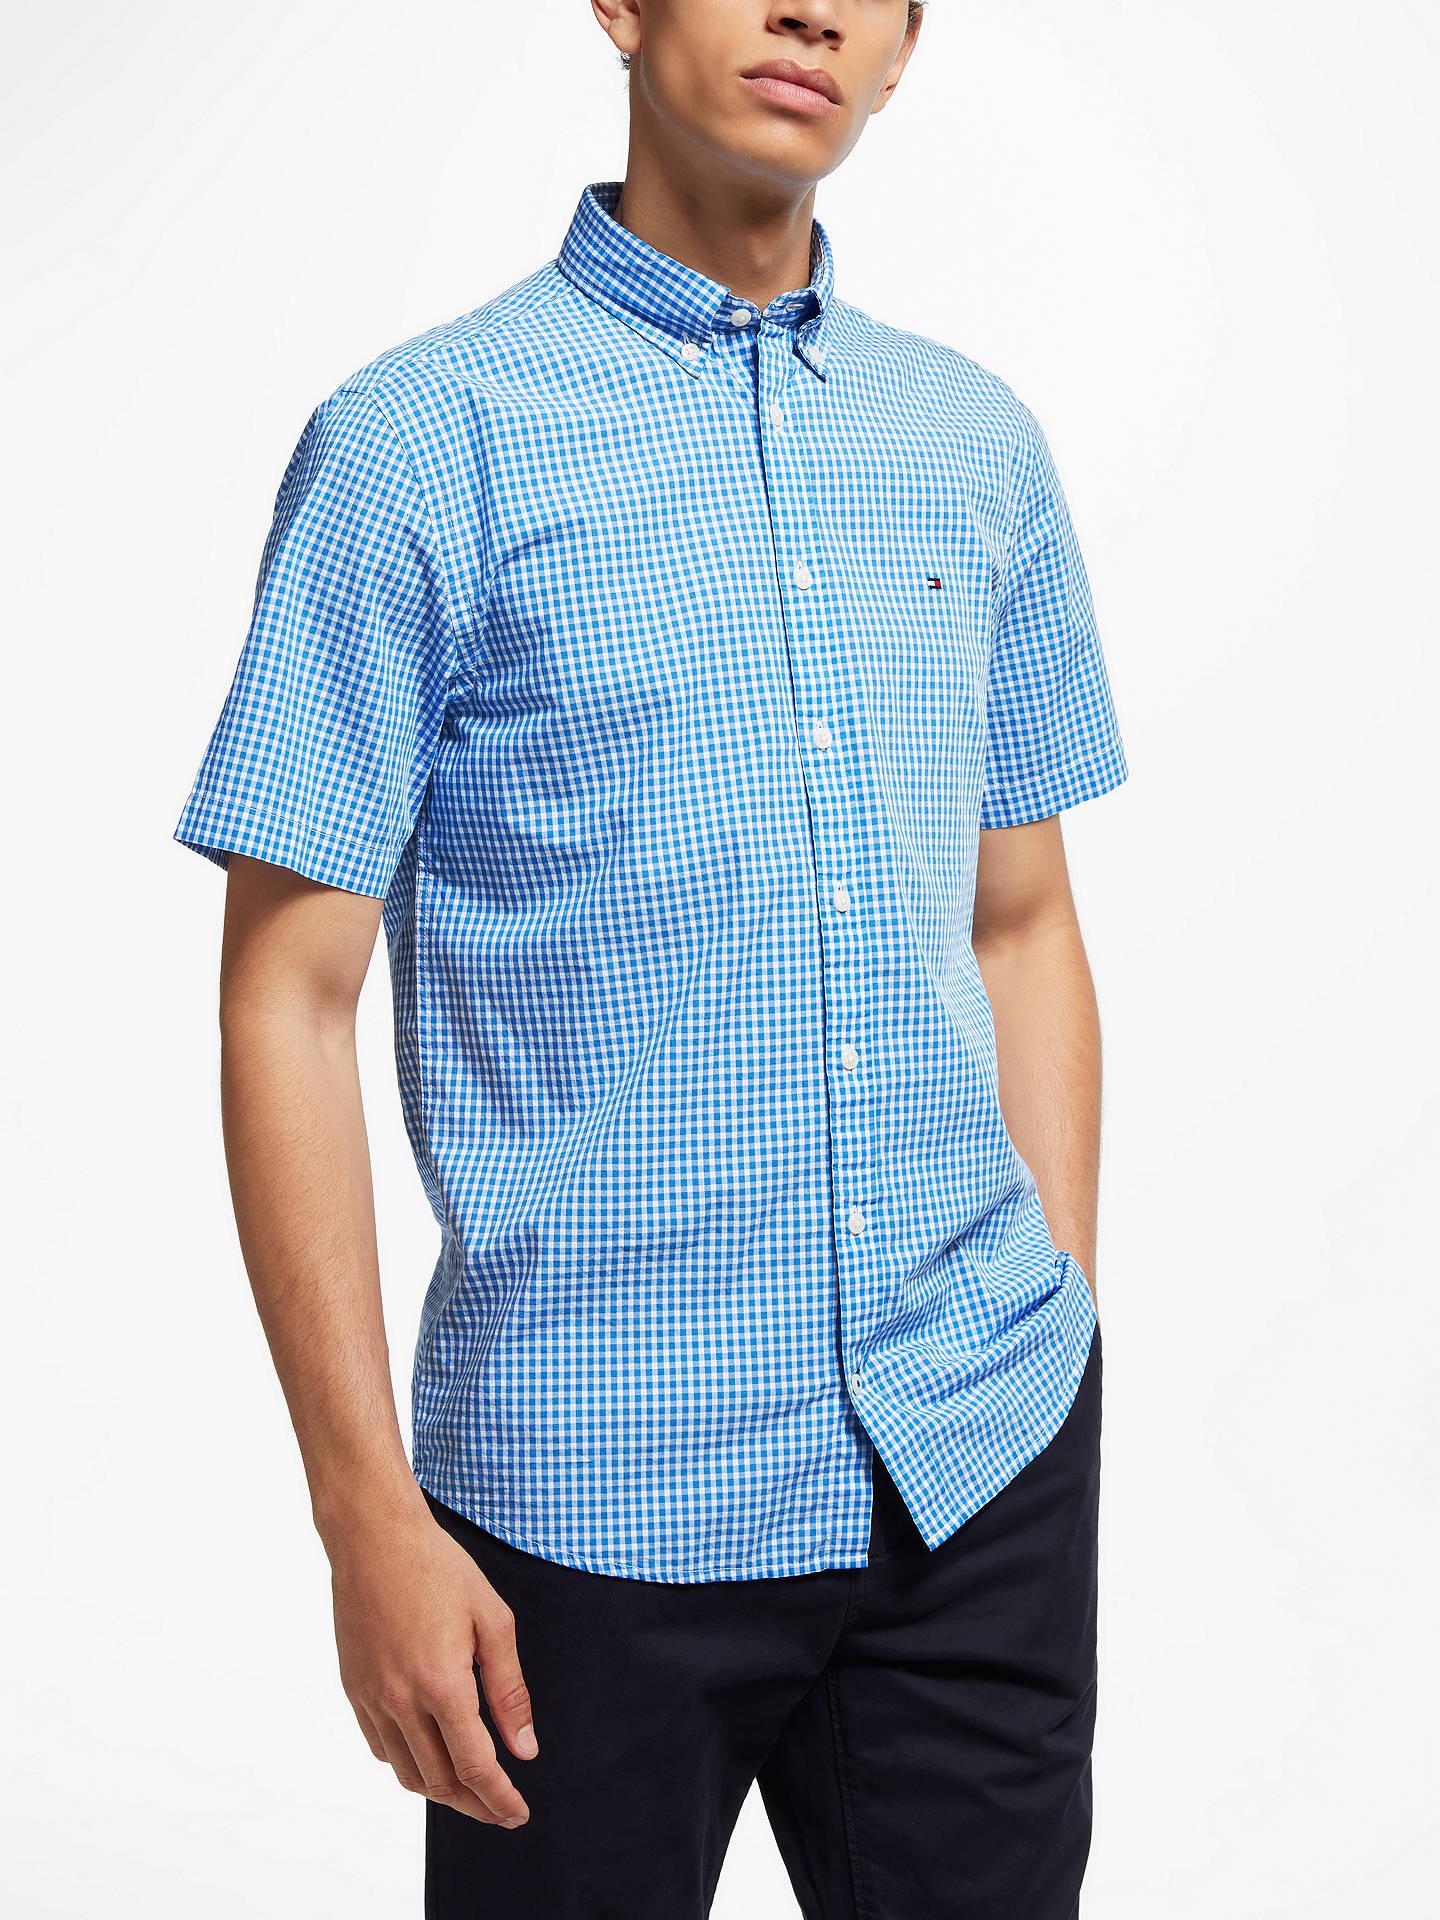 5f439570a Buy Tommy Hilfiger Short Sleeve Gingham Shirt, Blue, L Online at  johnlewis.com ...